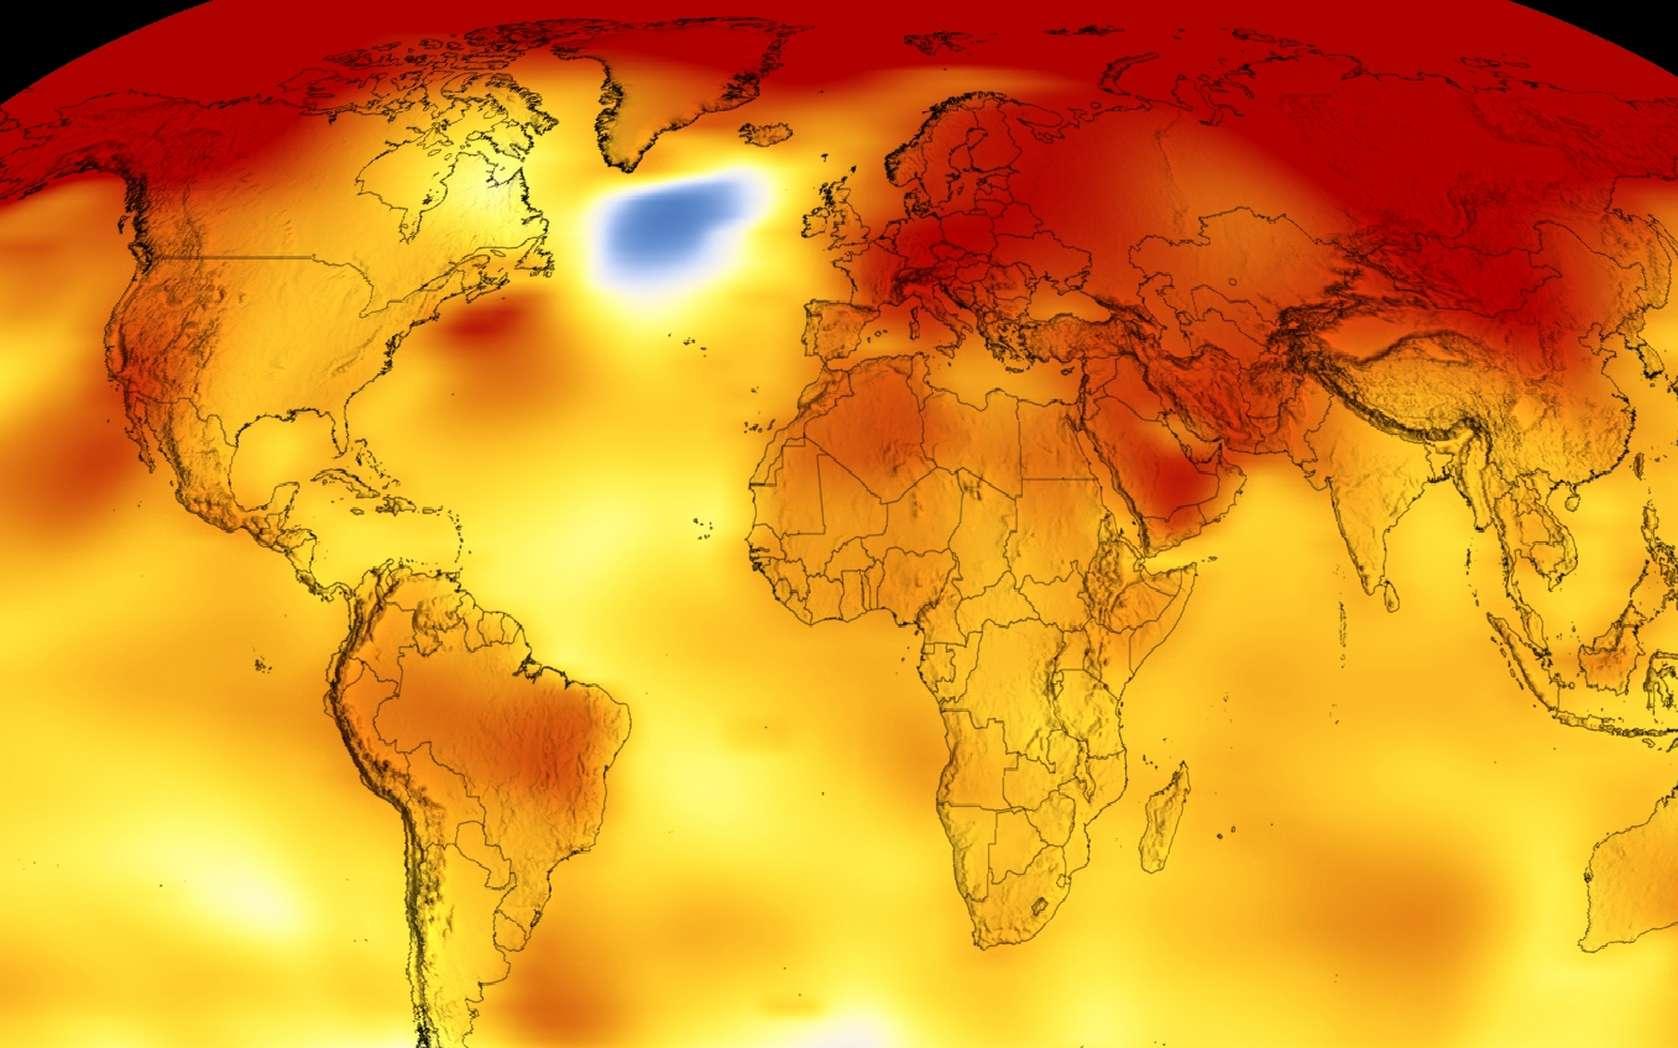 Pas de doutes : la Terre se réchauffe, comme le montrent les dernières visualisations de la Nasa